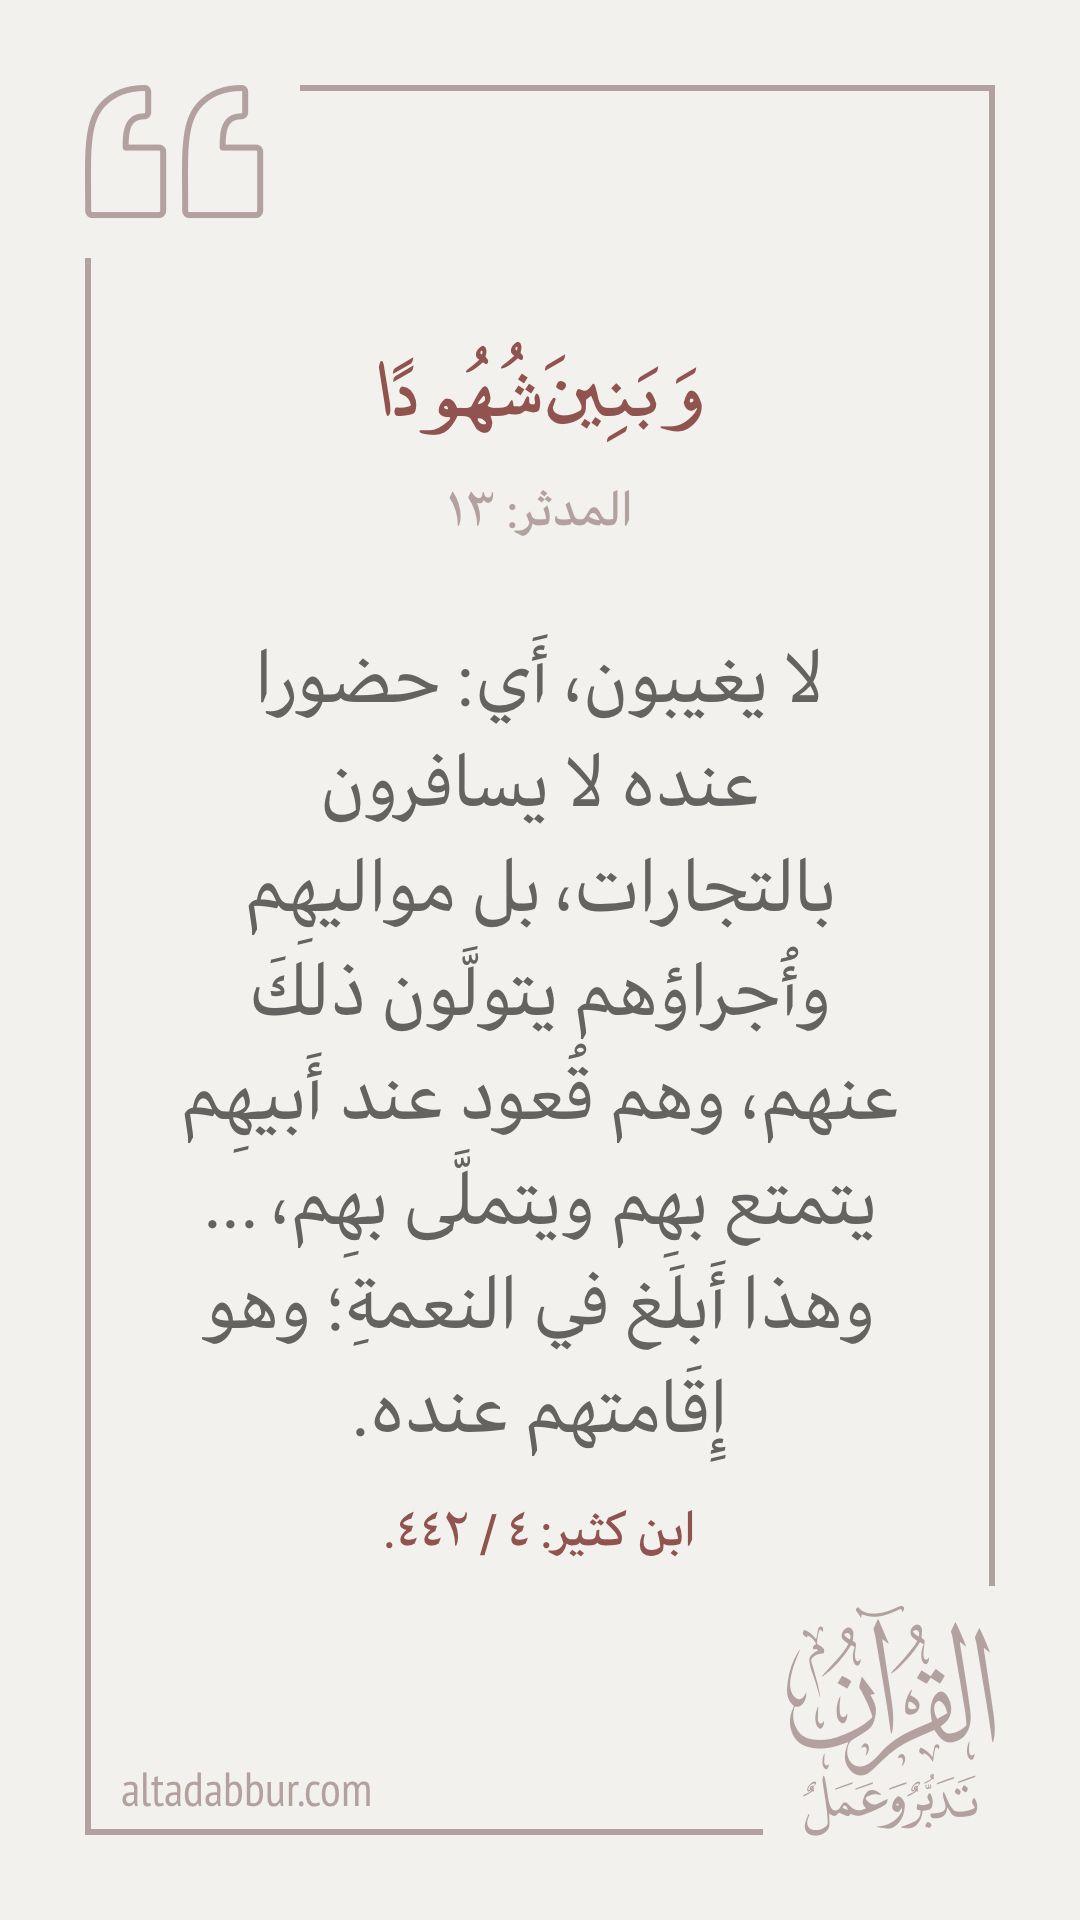 وعلى نياتكم ترزقون Quotes For Book Lovers Beautiful Quran Quotes Islamic Love Quotes